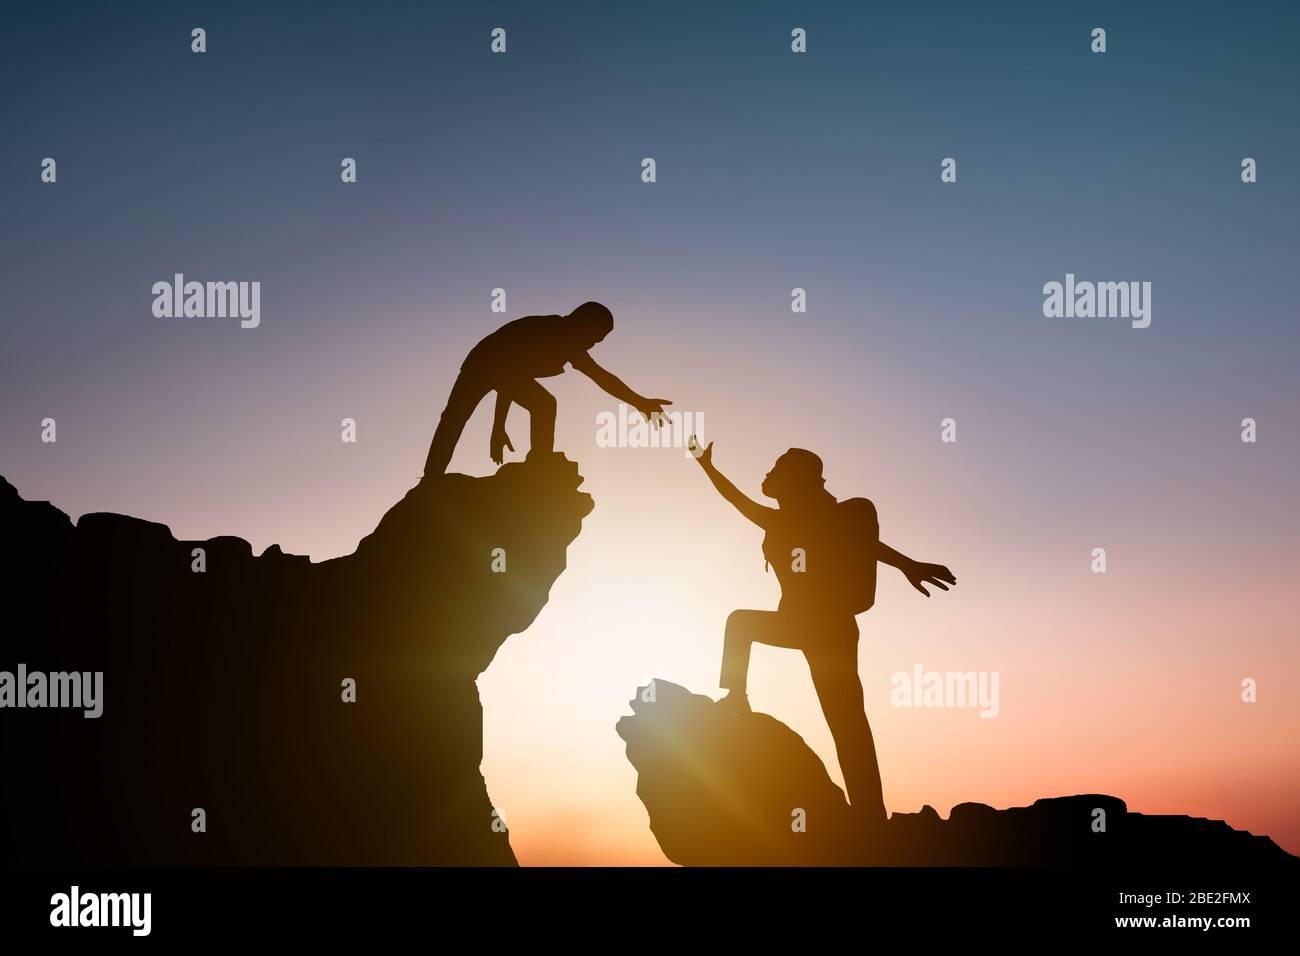 Helfen Und Verbessern Konzept Silhouette Menschen Helfen Anderen Wanderer Klettern Felsen Und Berge Stockfotografie Alamy